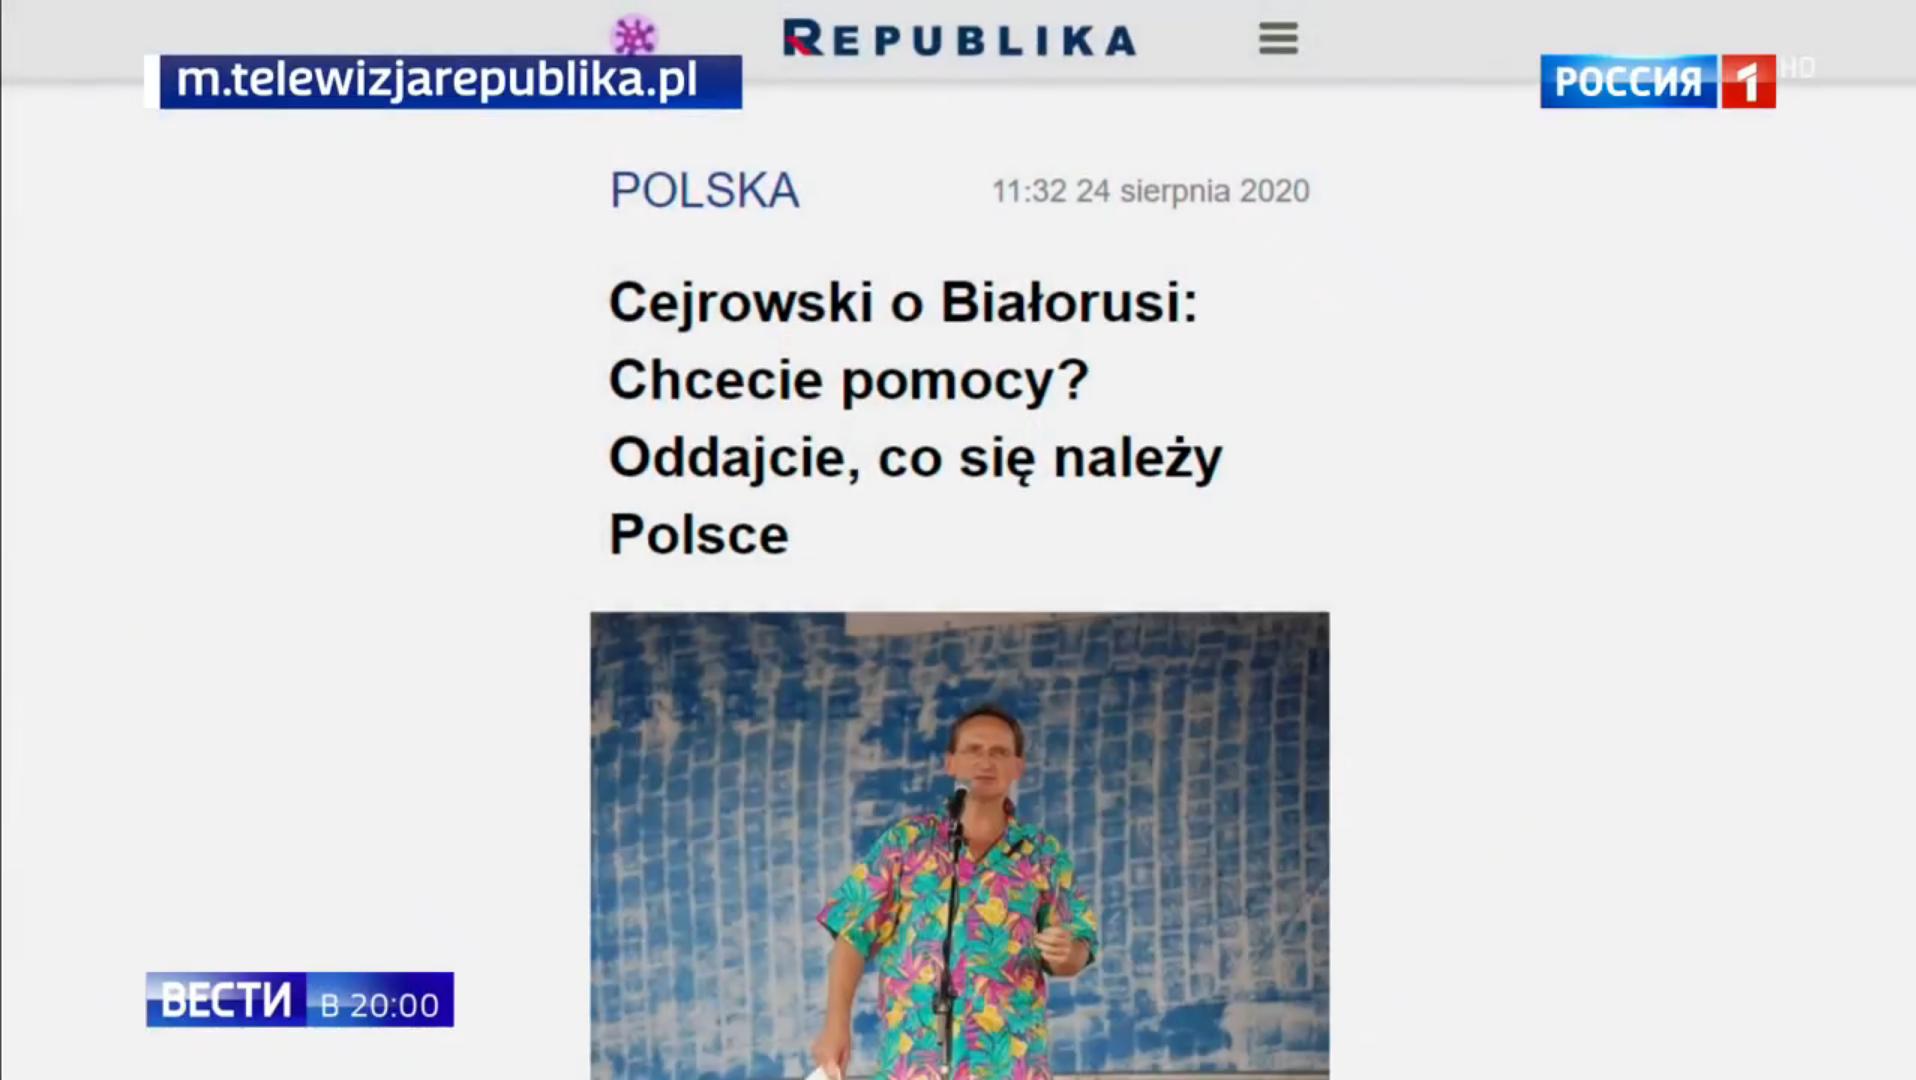 Fragment materiału z omówieniem wypowiedzi Wojciecha Cejrowskiego